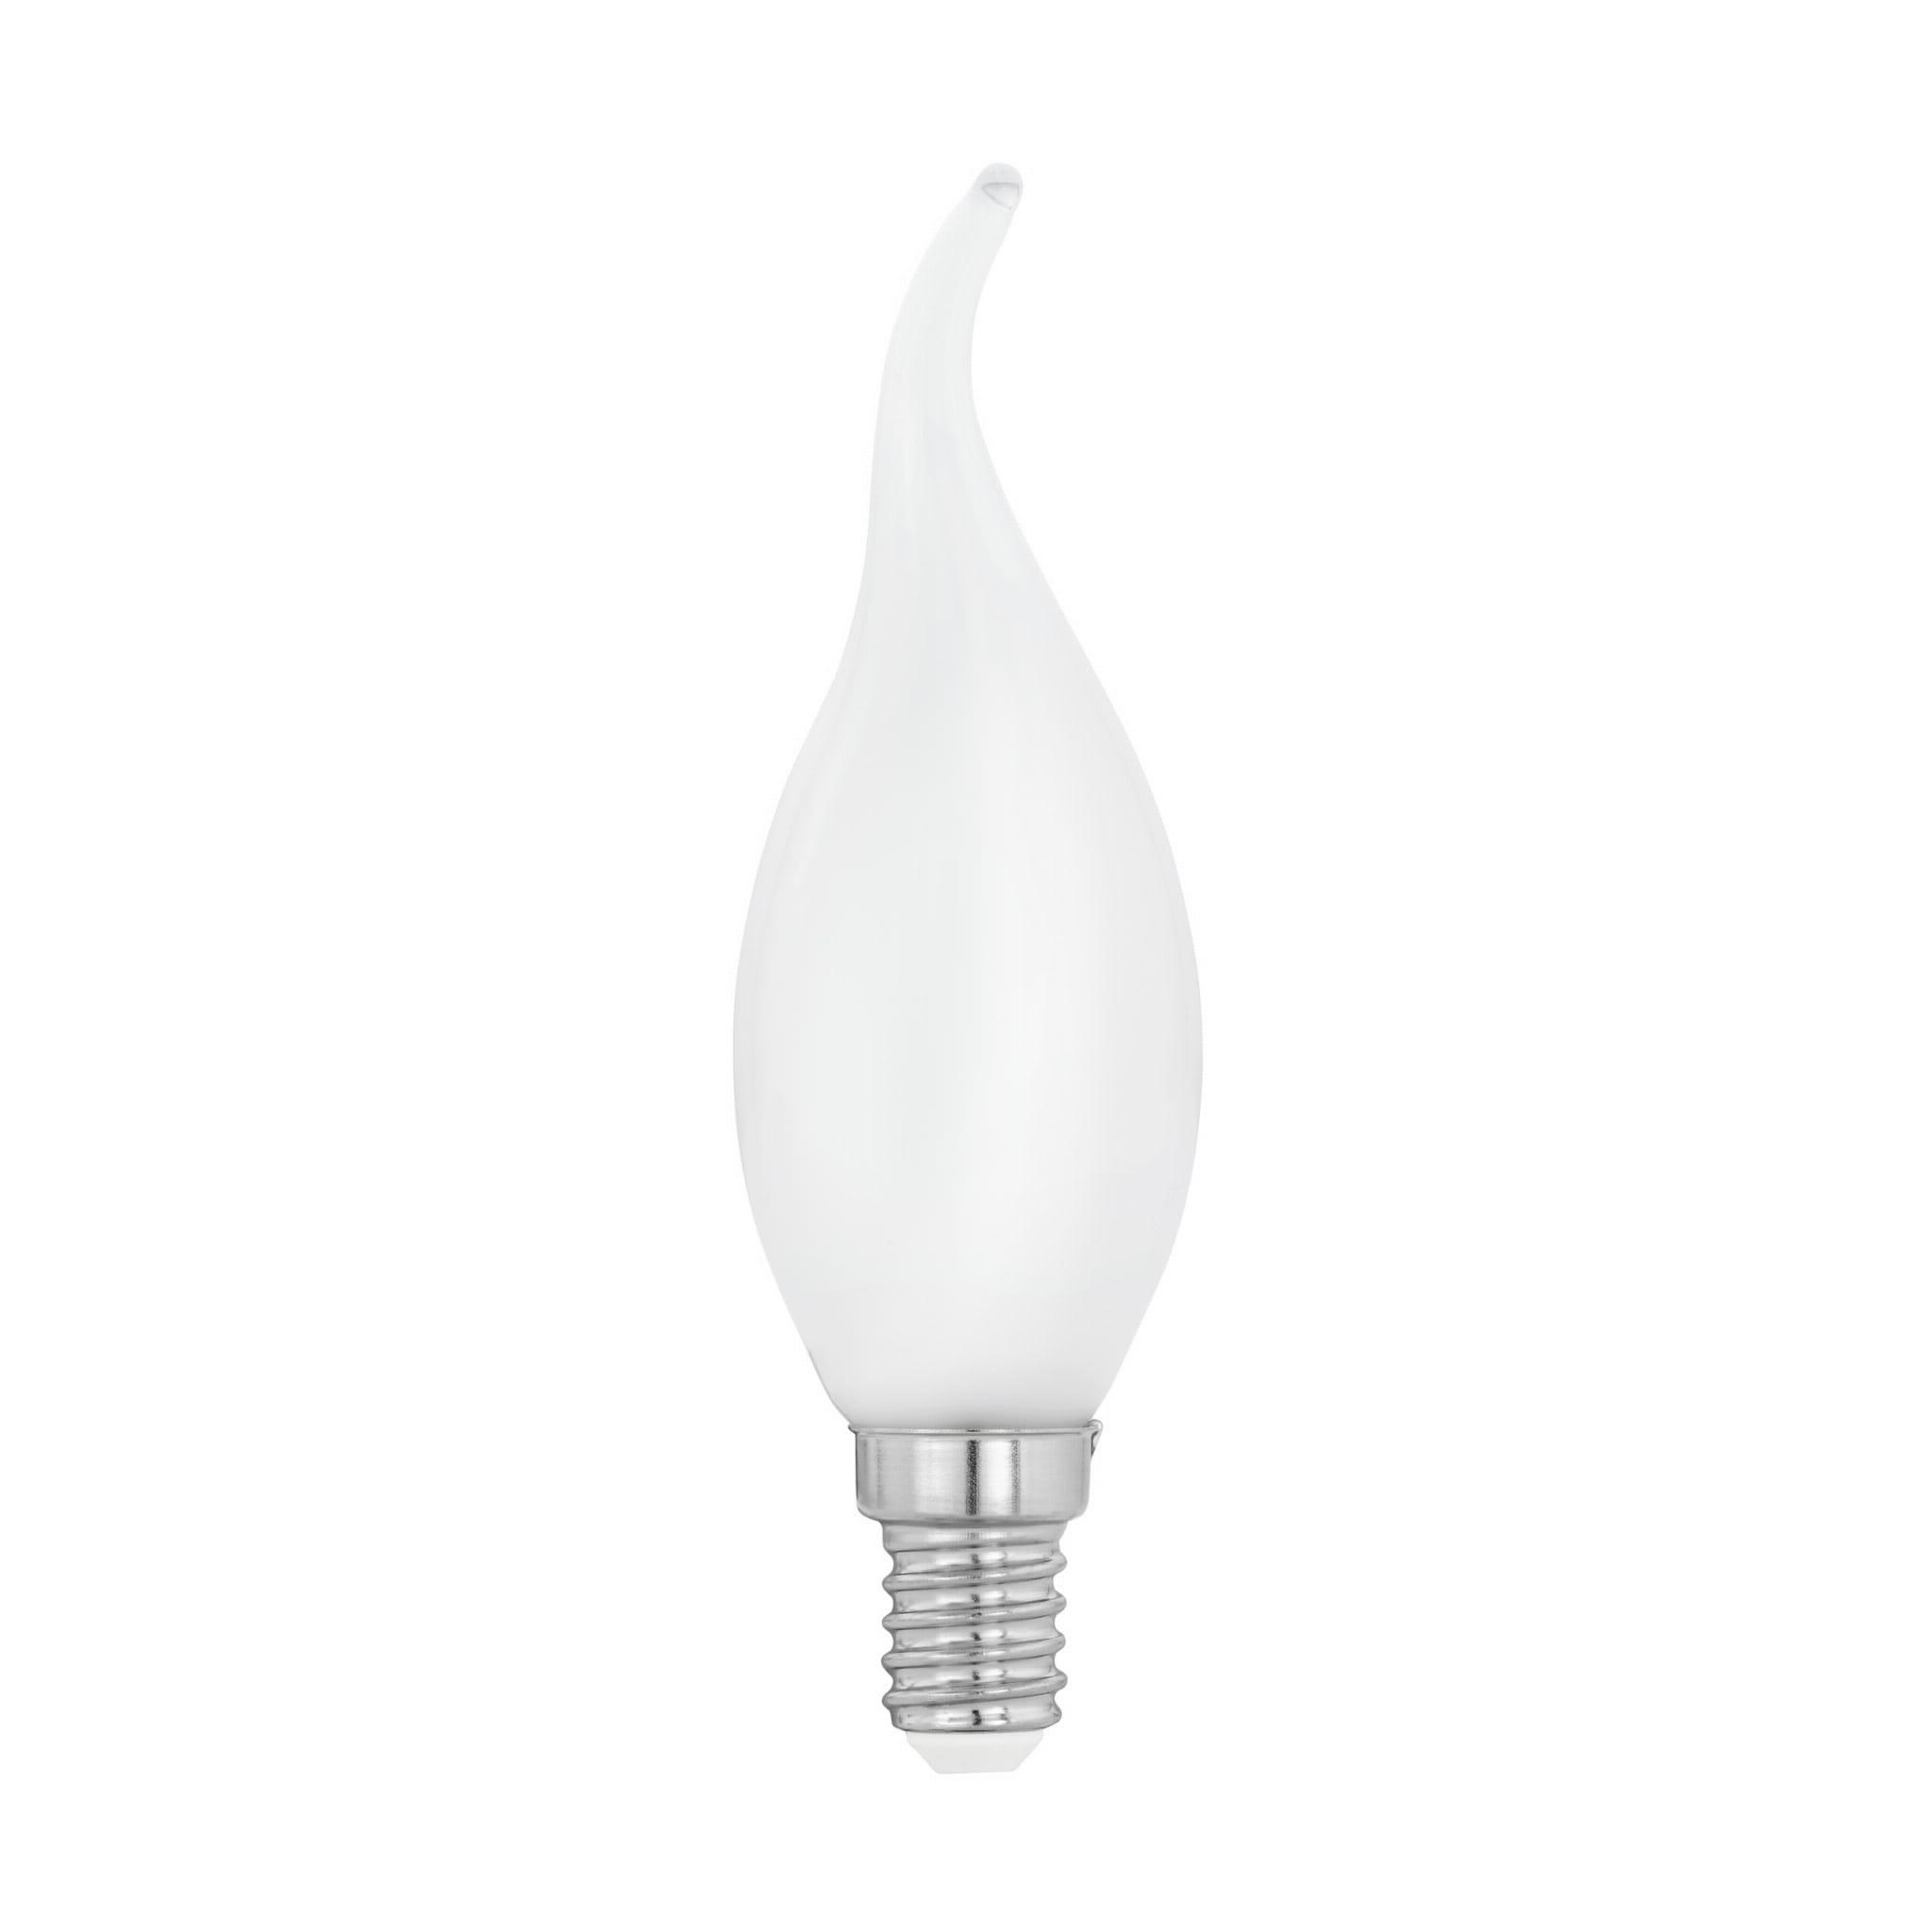 Żarówka Płomyk LED E14 CF35 4W EGLO 11603